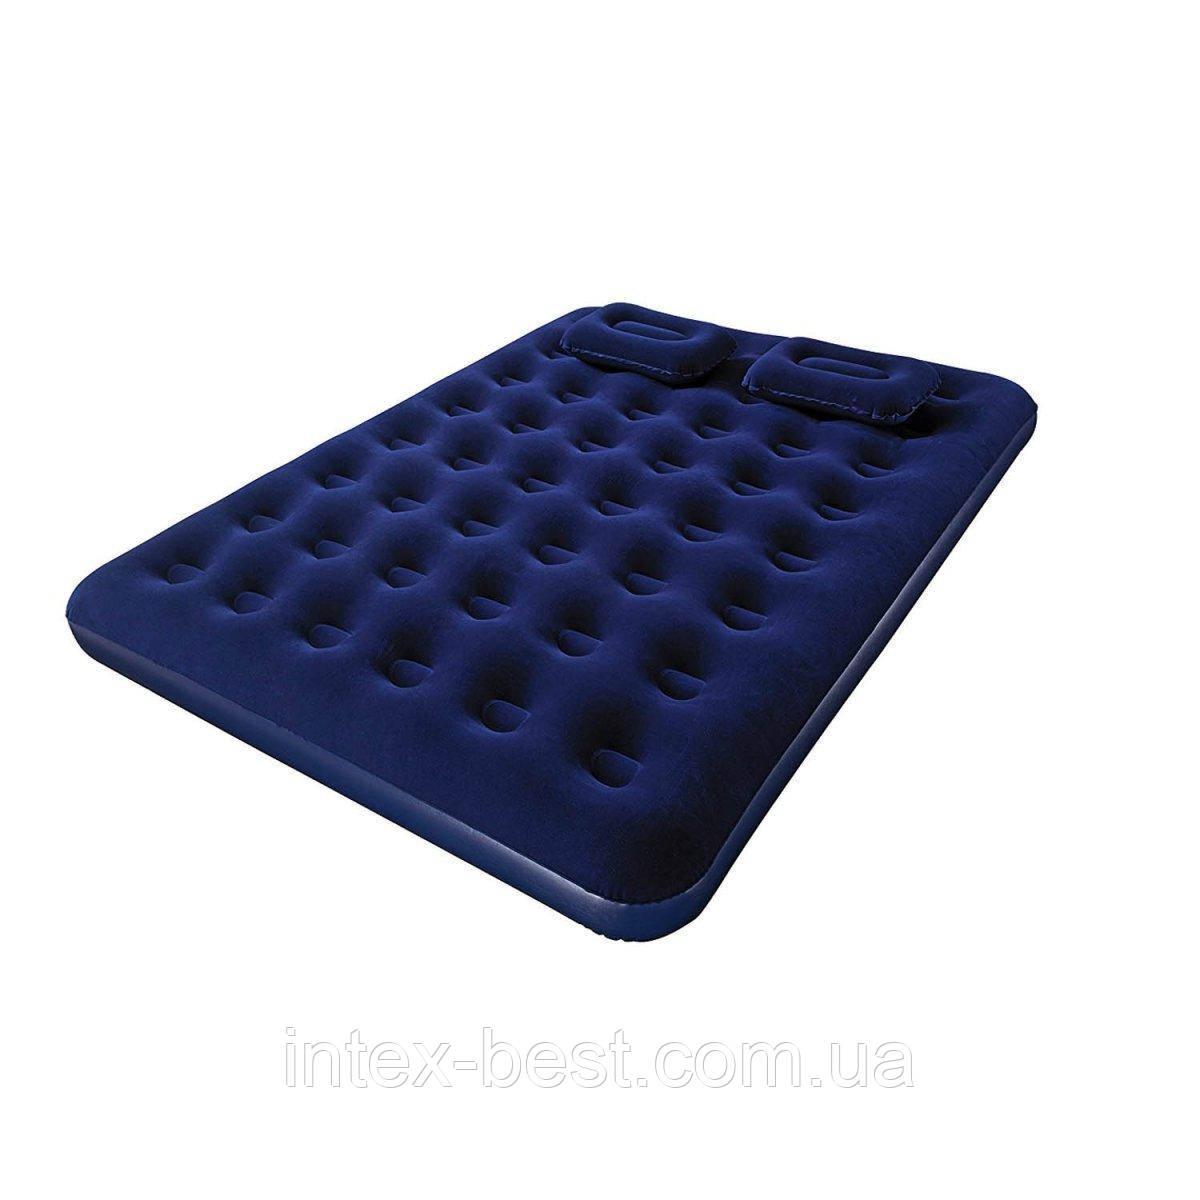 Двуспальный надувной матрас с подушками и насосом Bestway 67374 (203х152х22 см.)